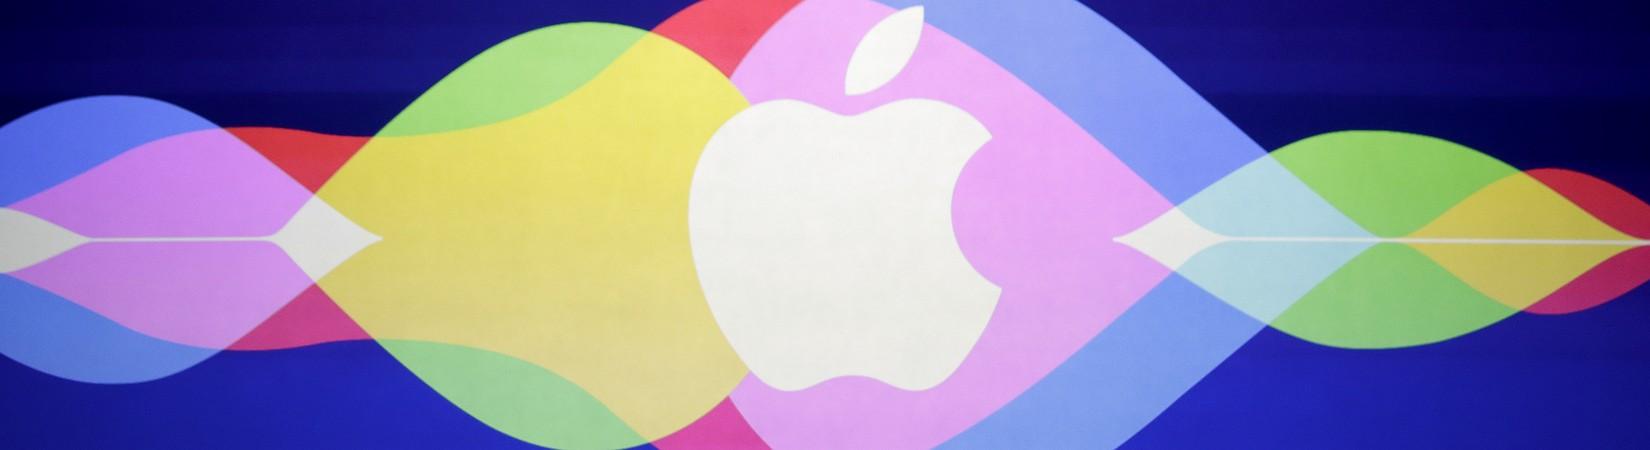 ¿Qué podemos esperar de la presentación de Apple en septiembre?